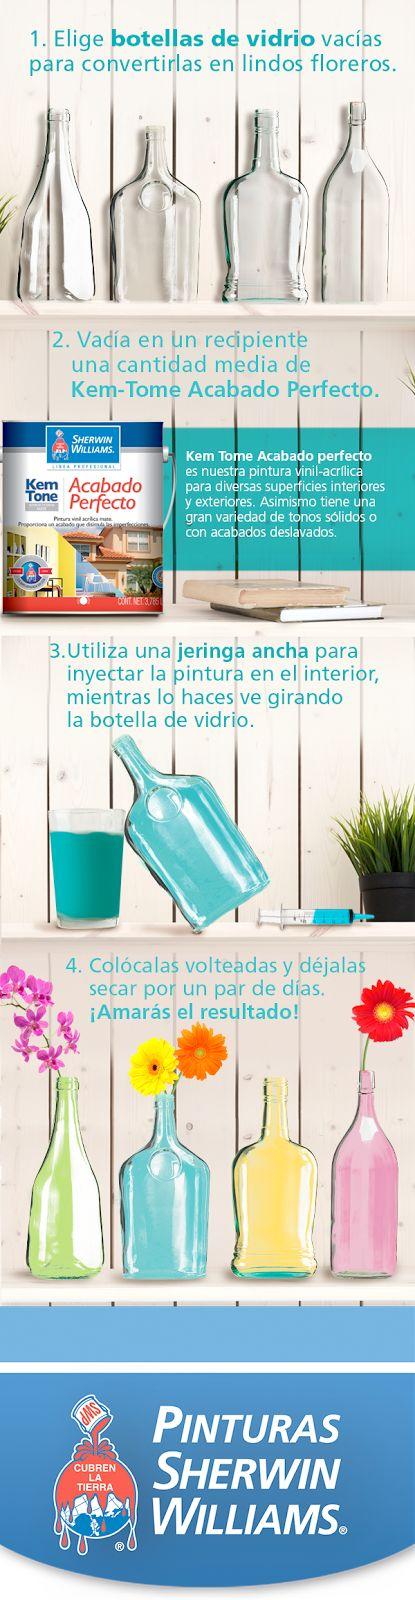 #EstoPintaBien ¿Quieres darle mayor color y vida a tus interiores? Haz estos jarrones con botellas pintadas con ayuda de #SherwinWilliams. ¡Te encantarán!